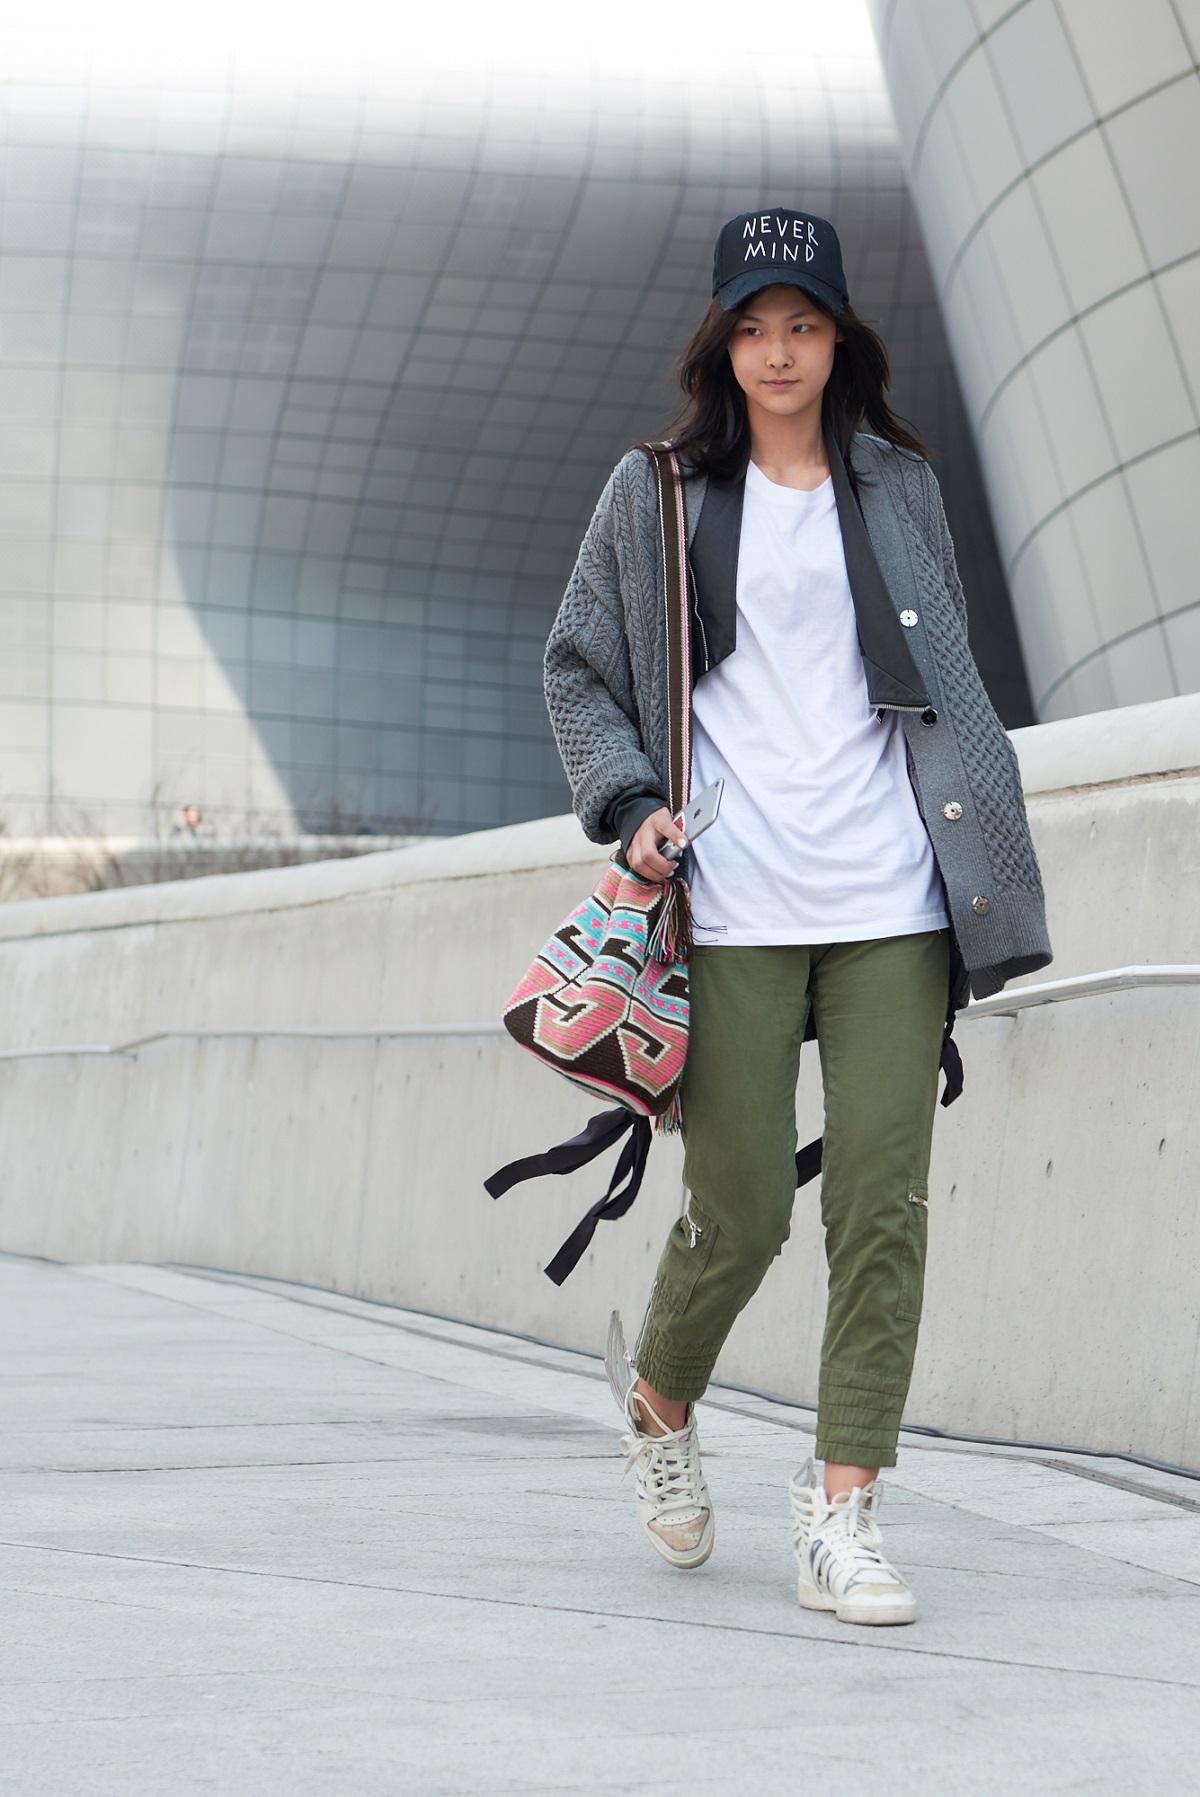 ⓒ 패션서울 | 모델 앨리스